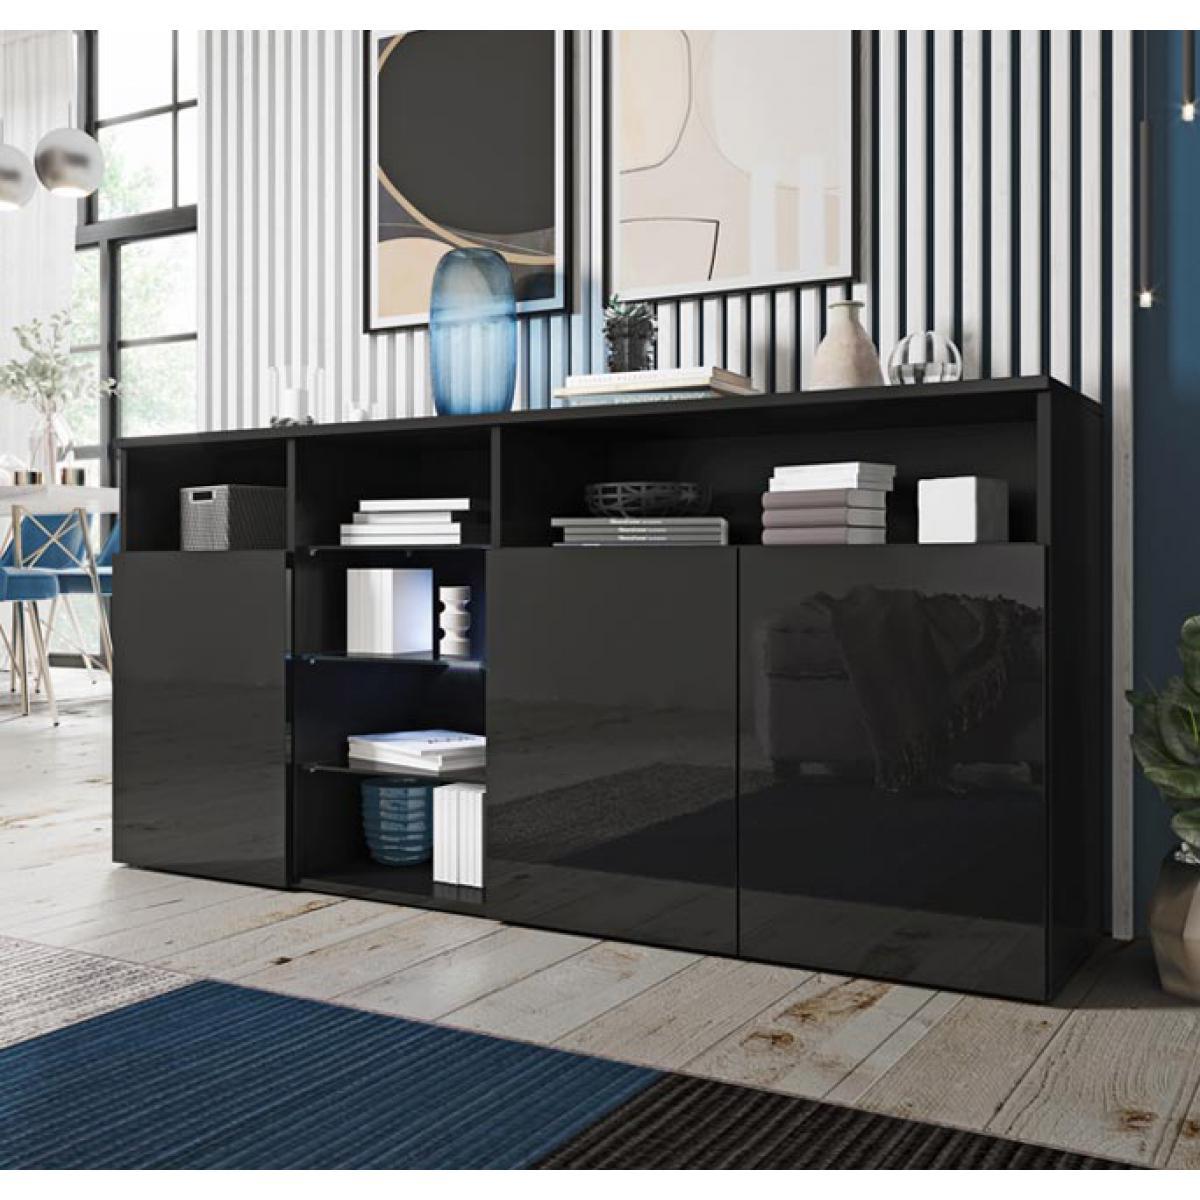 Design Ameublement Bahut modèle Clark couleur noir